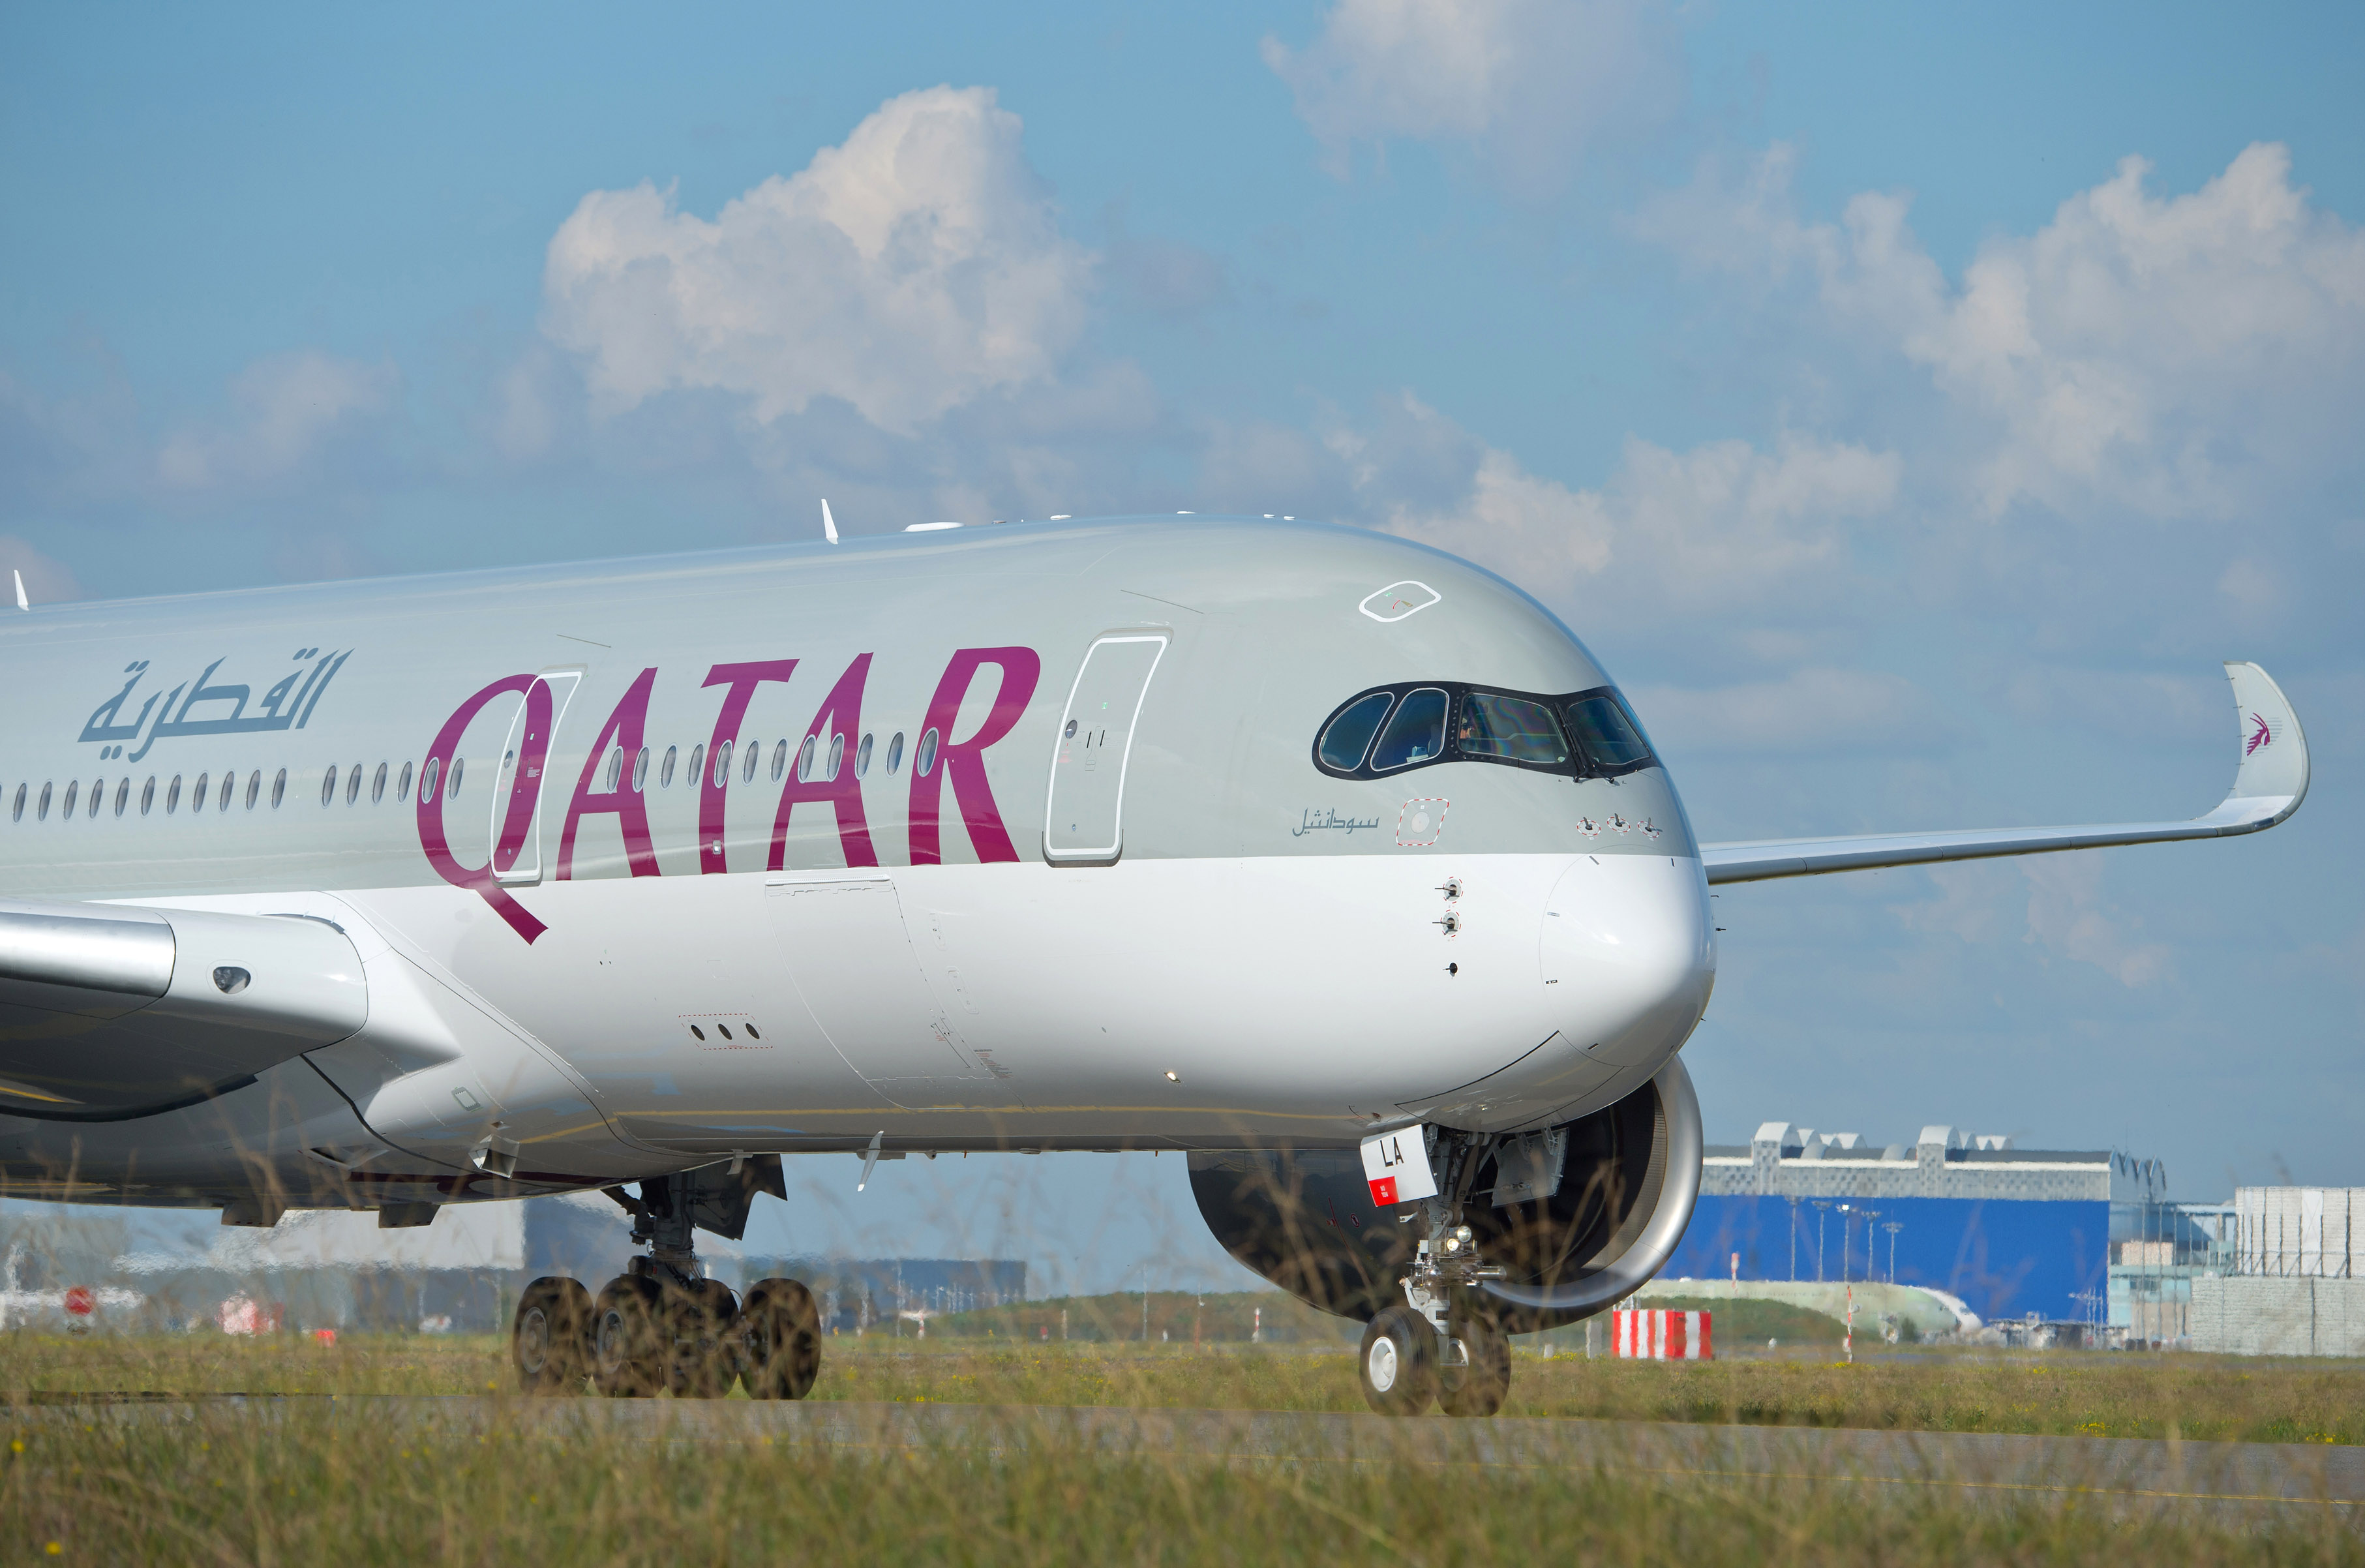 En Airbus A350 fra Qatar Airways – flyselskaber fortsætter med at øge i Norden, at åbne flere destinationer verden over samt investere i andre flyselskaber. Pressefoto: Qatar Airways.